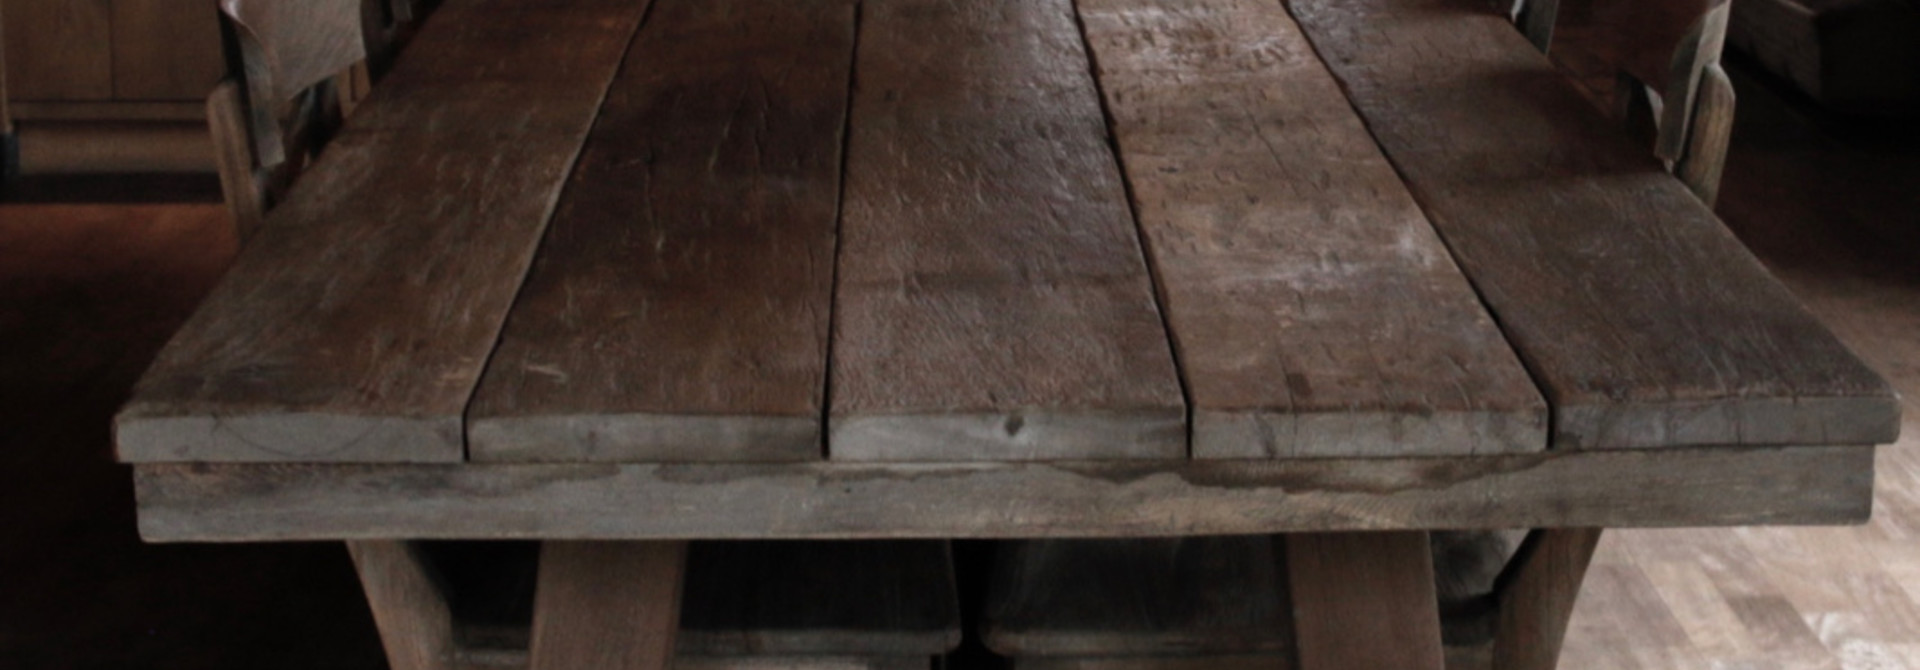 Robuster Esstisch aus Altholz